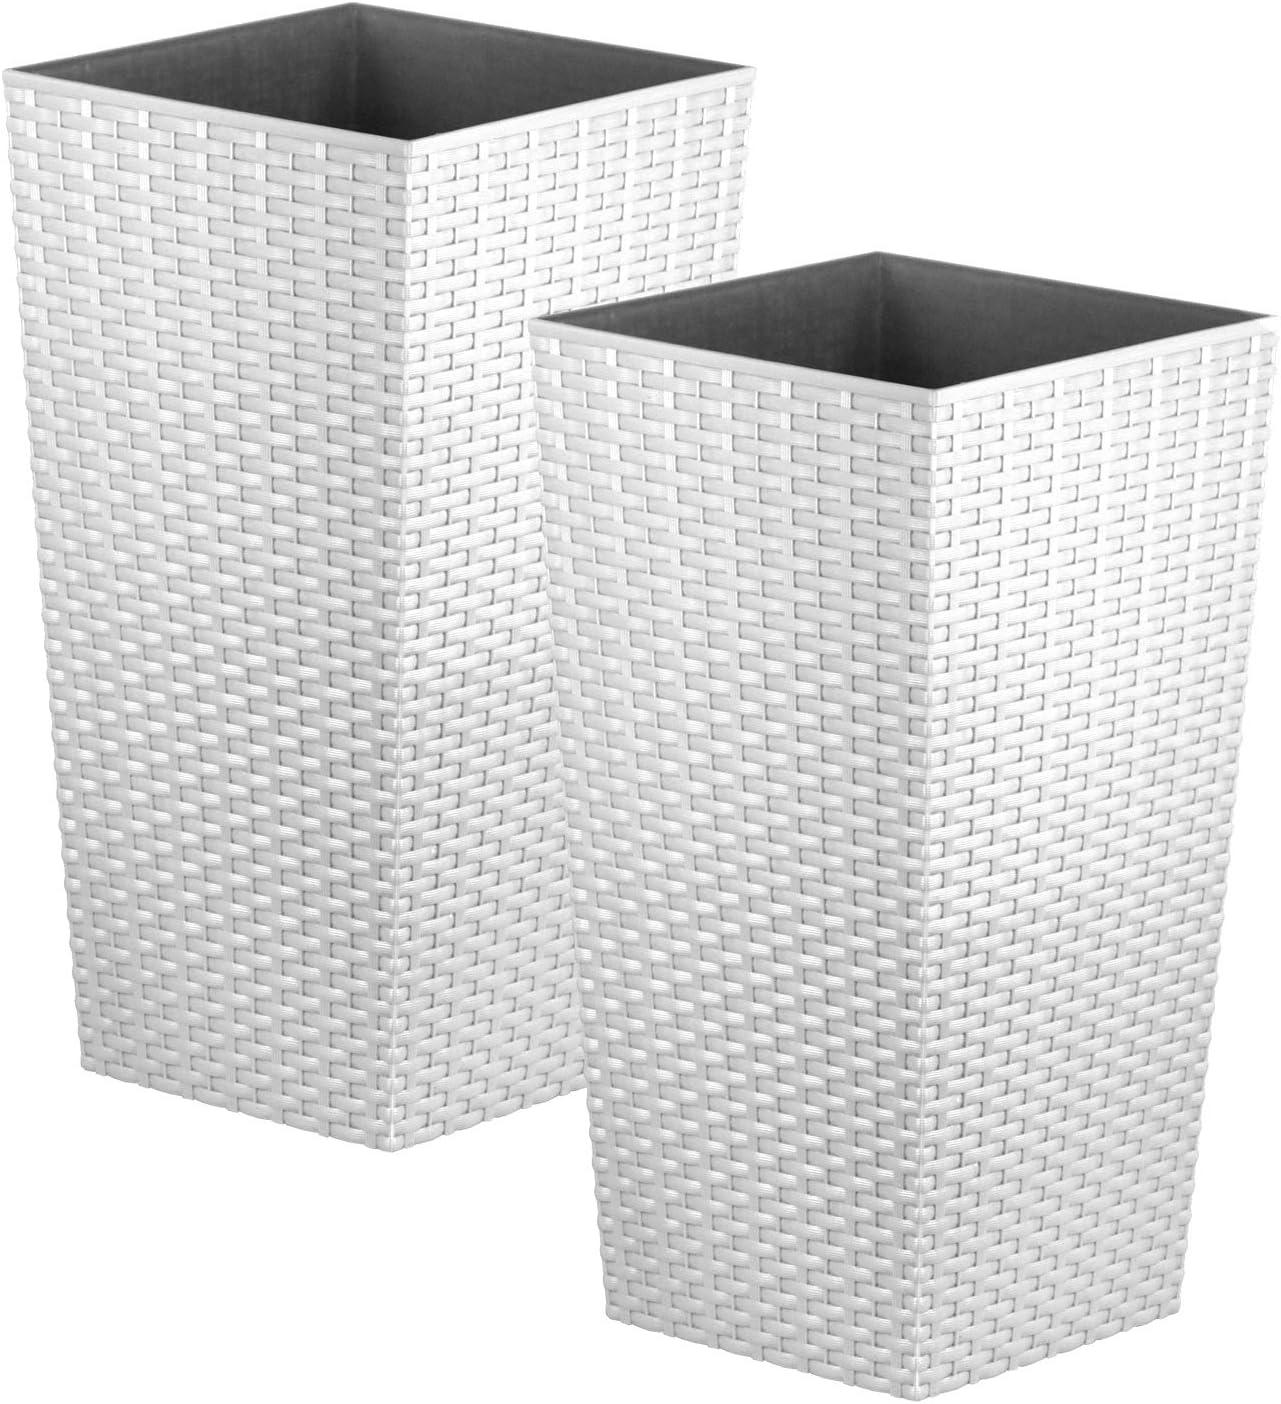 2x CrazyGadget® grande ratán de alto maceta de plástico cuadrada Jardín Maceta de flores de interior y exterior, plástico, Blanco, 26.6L